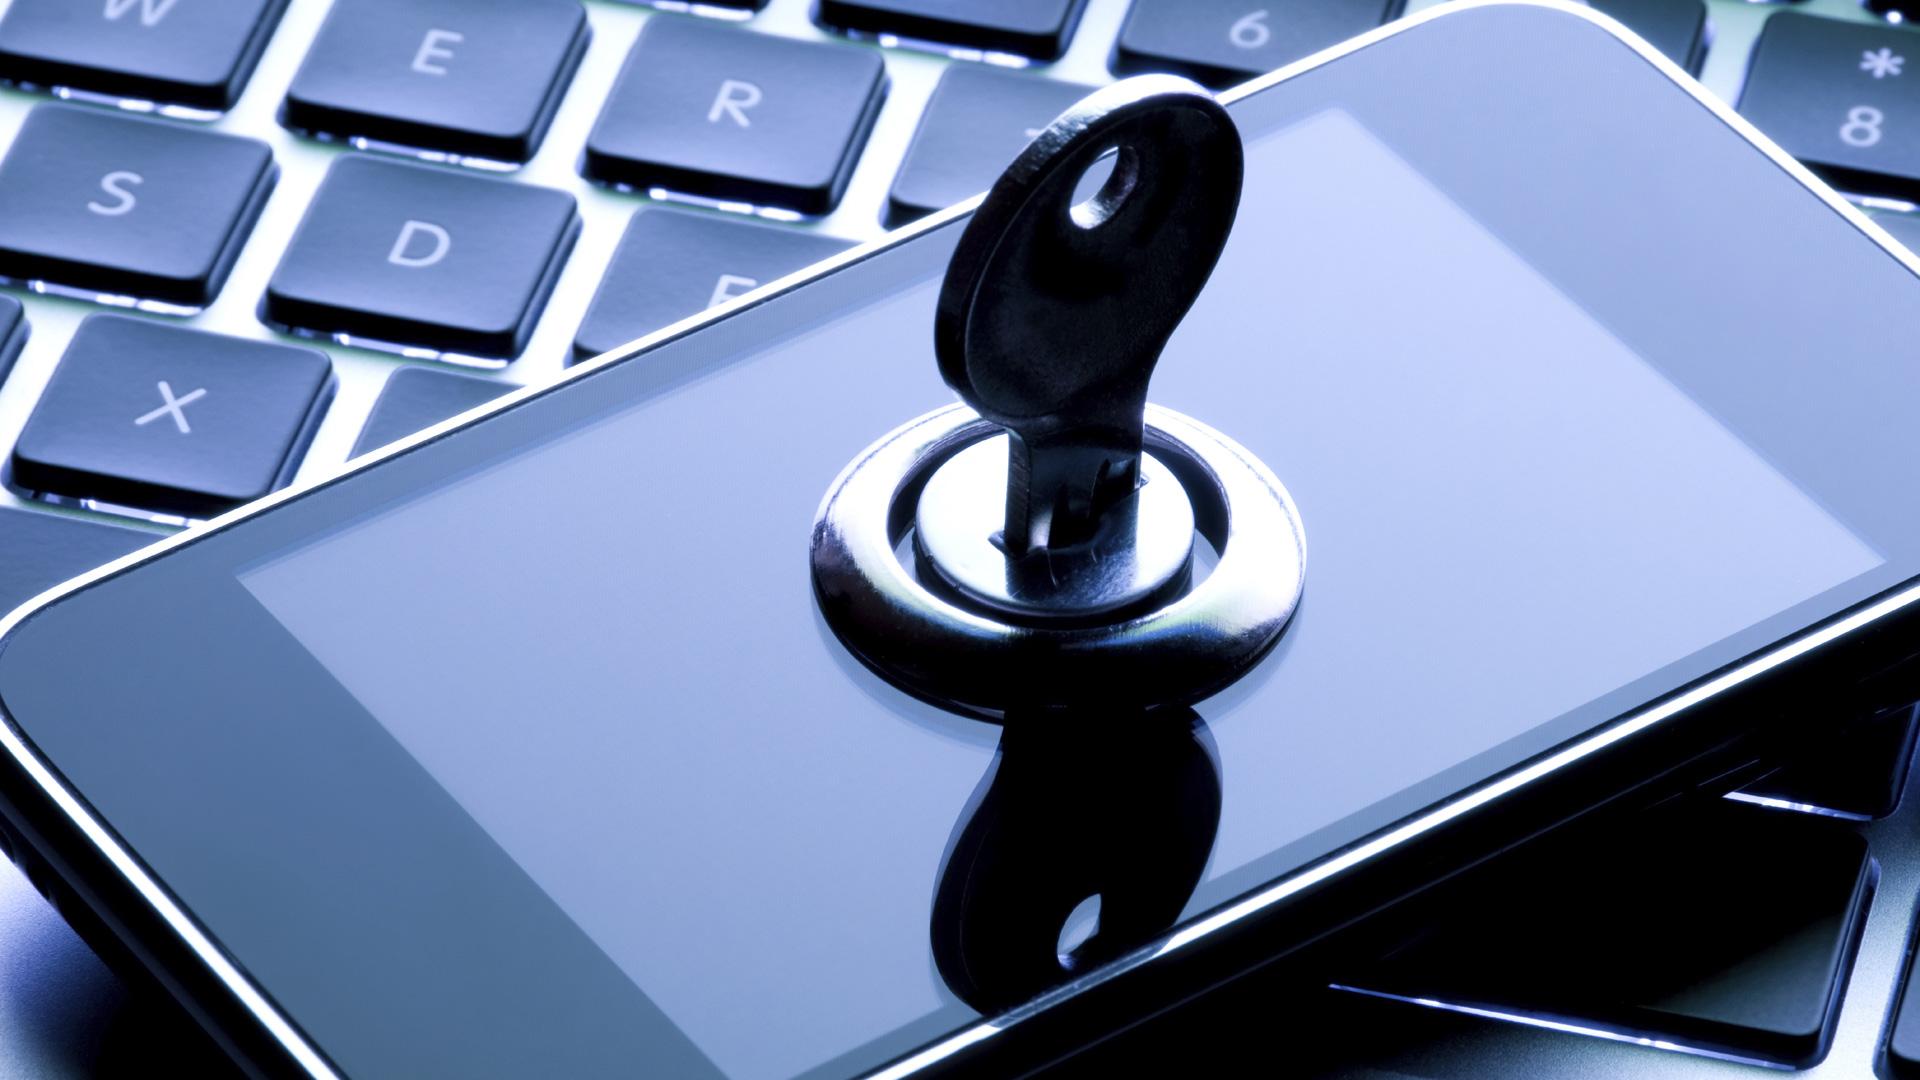 smartphone securite